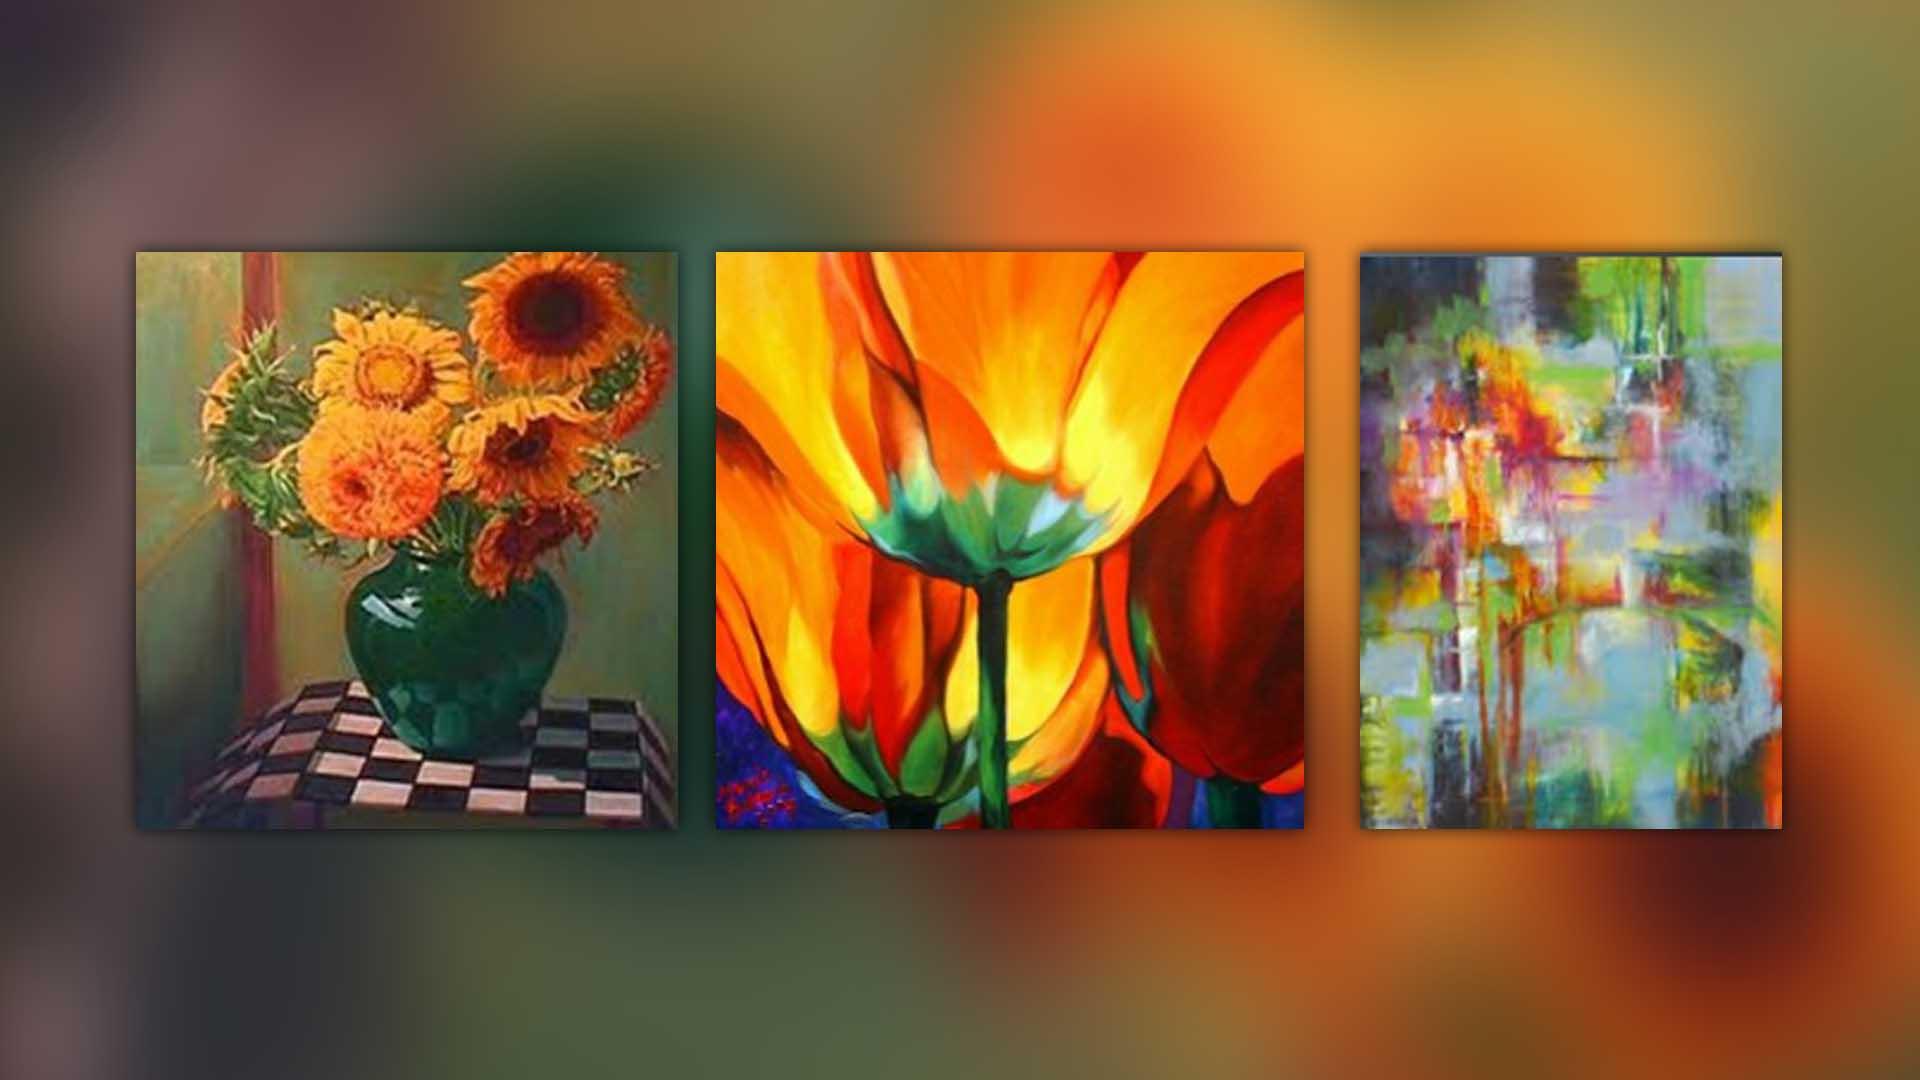 soyut sanat ve gerçekçi sanat 2